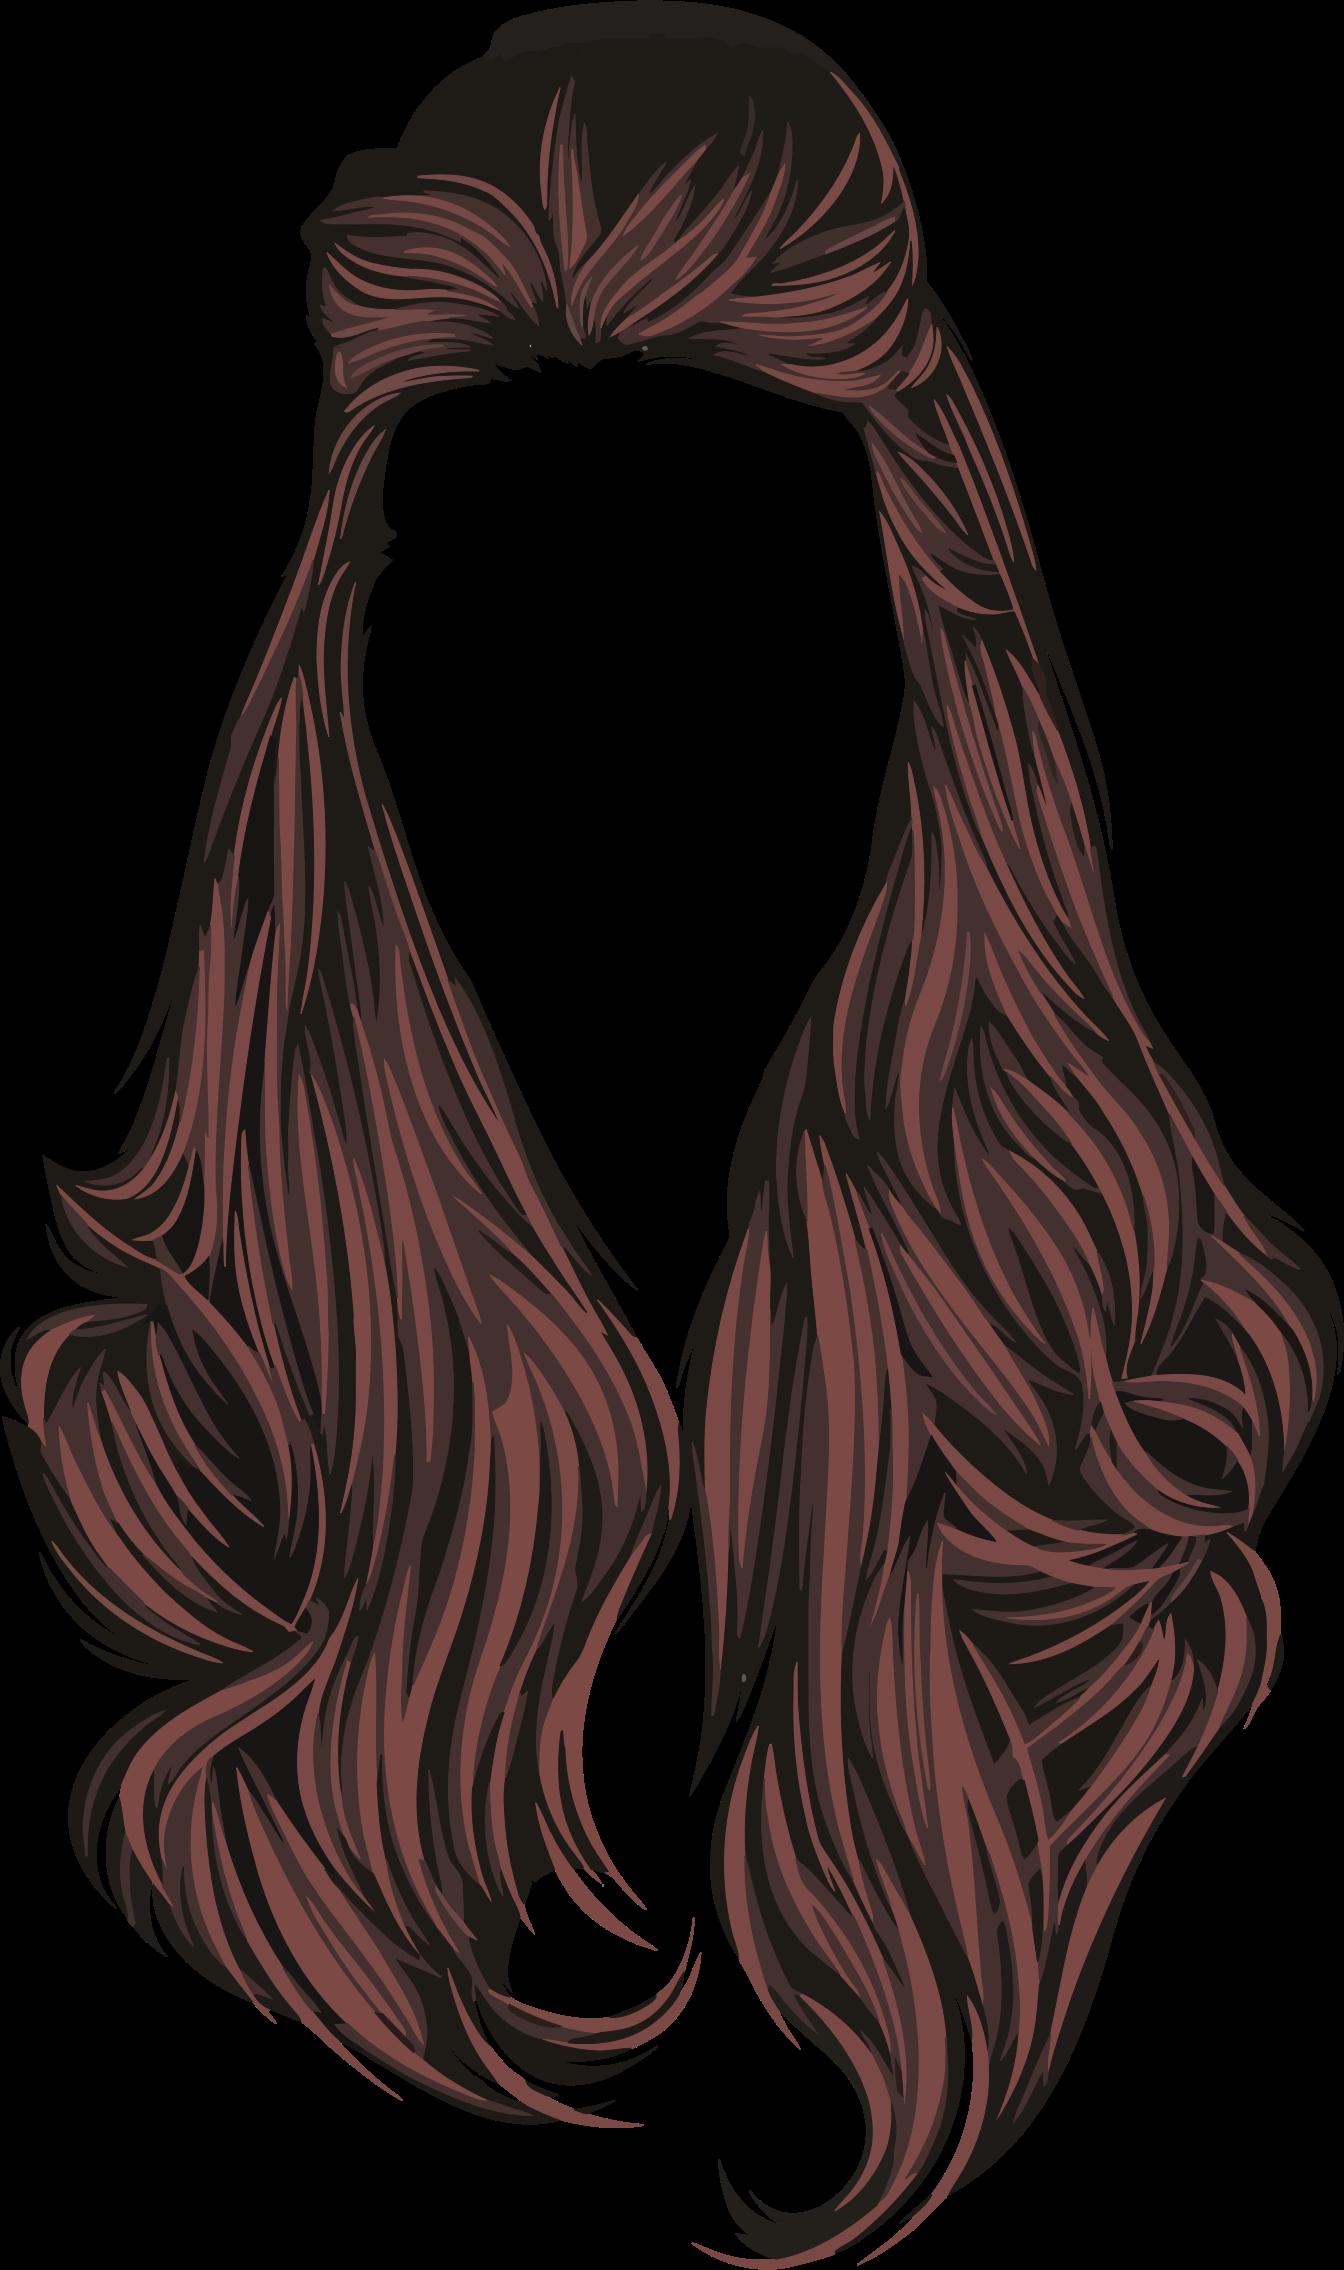 Hair clip art free clipart im